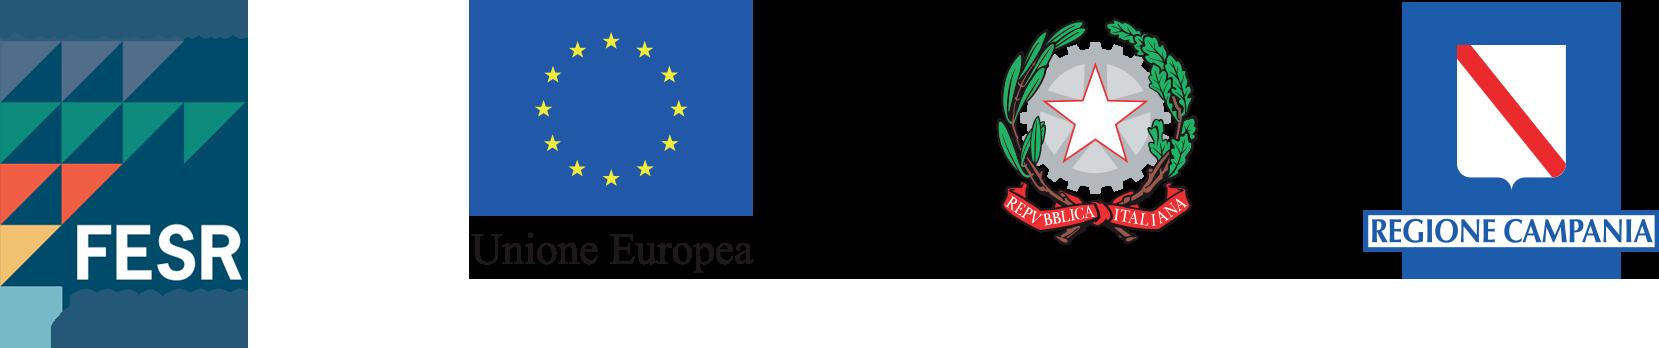 FESR 2014 - 2020